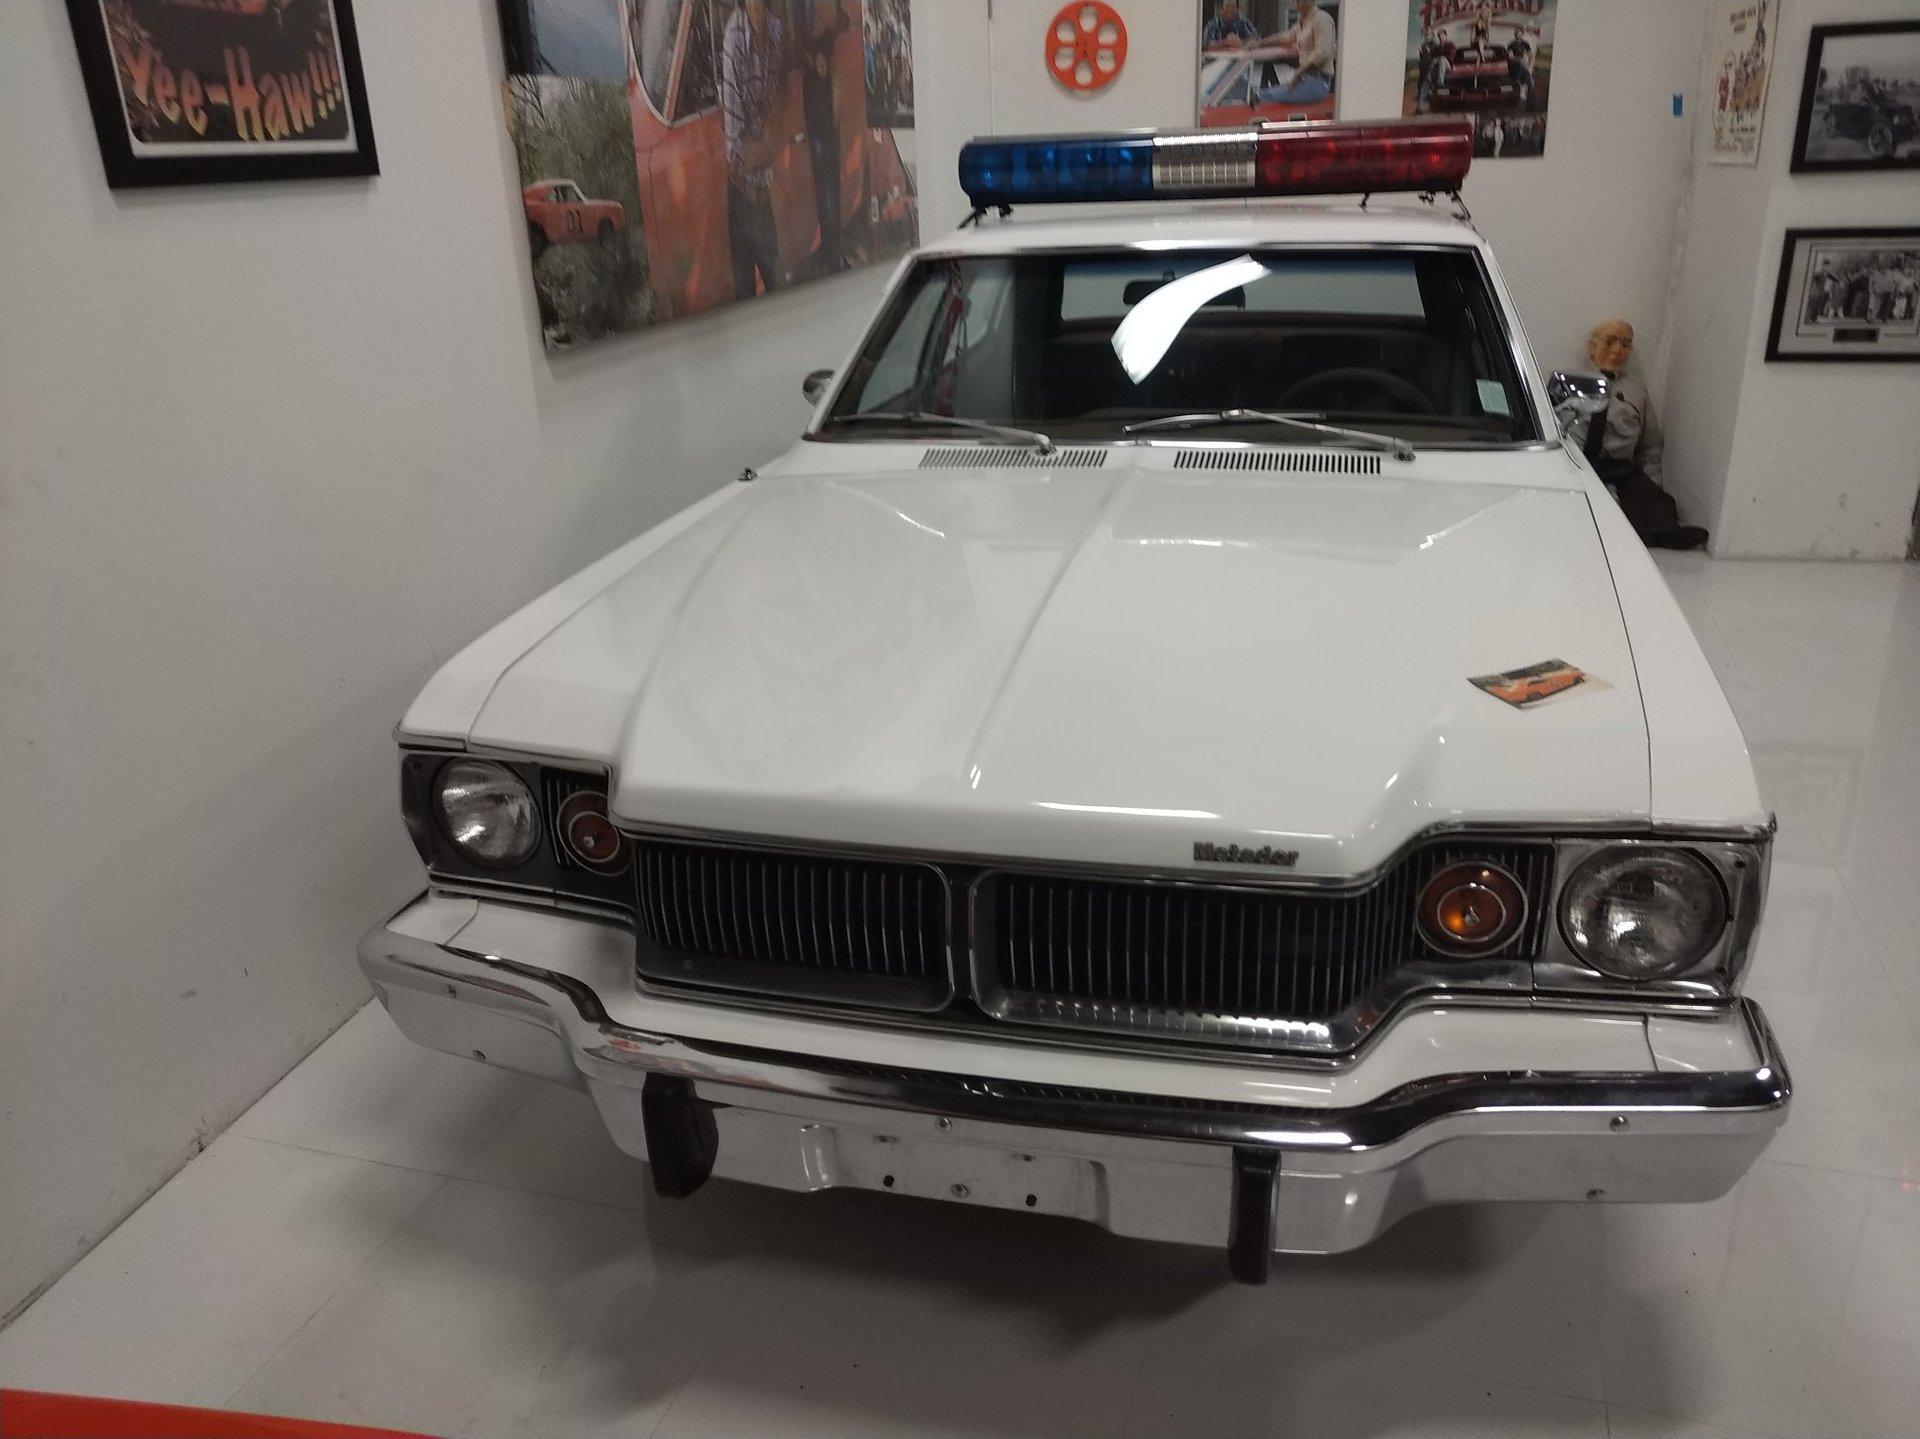 1974 american motors amc matador police